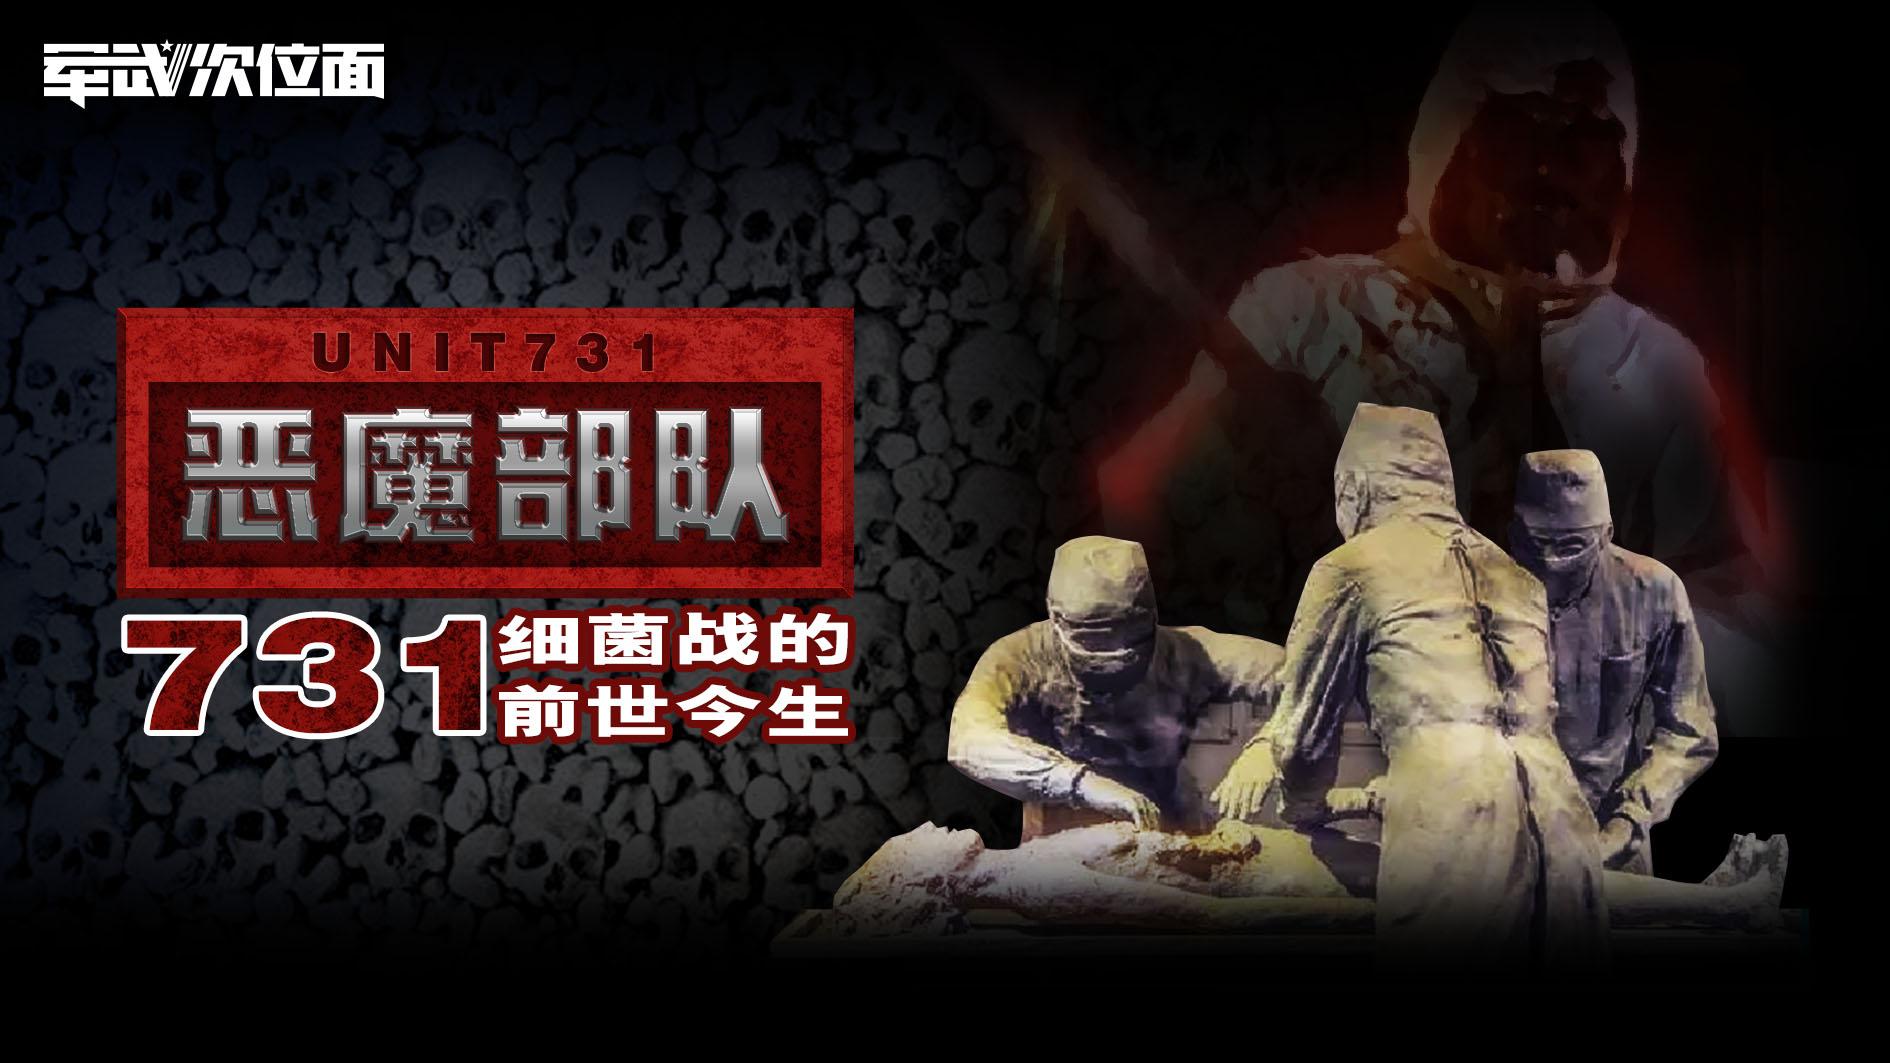 日本731细菌部队毒杀上千名日本士兵 原本毒害苏联但人家喝自来水